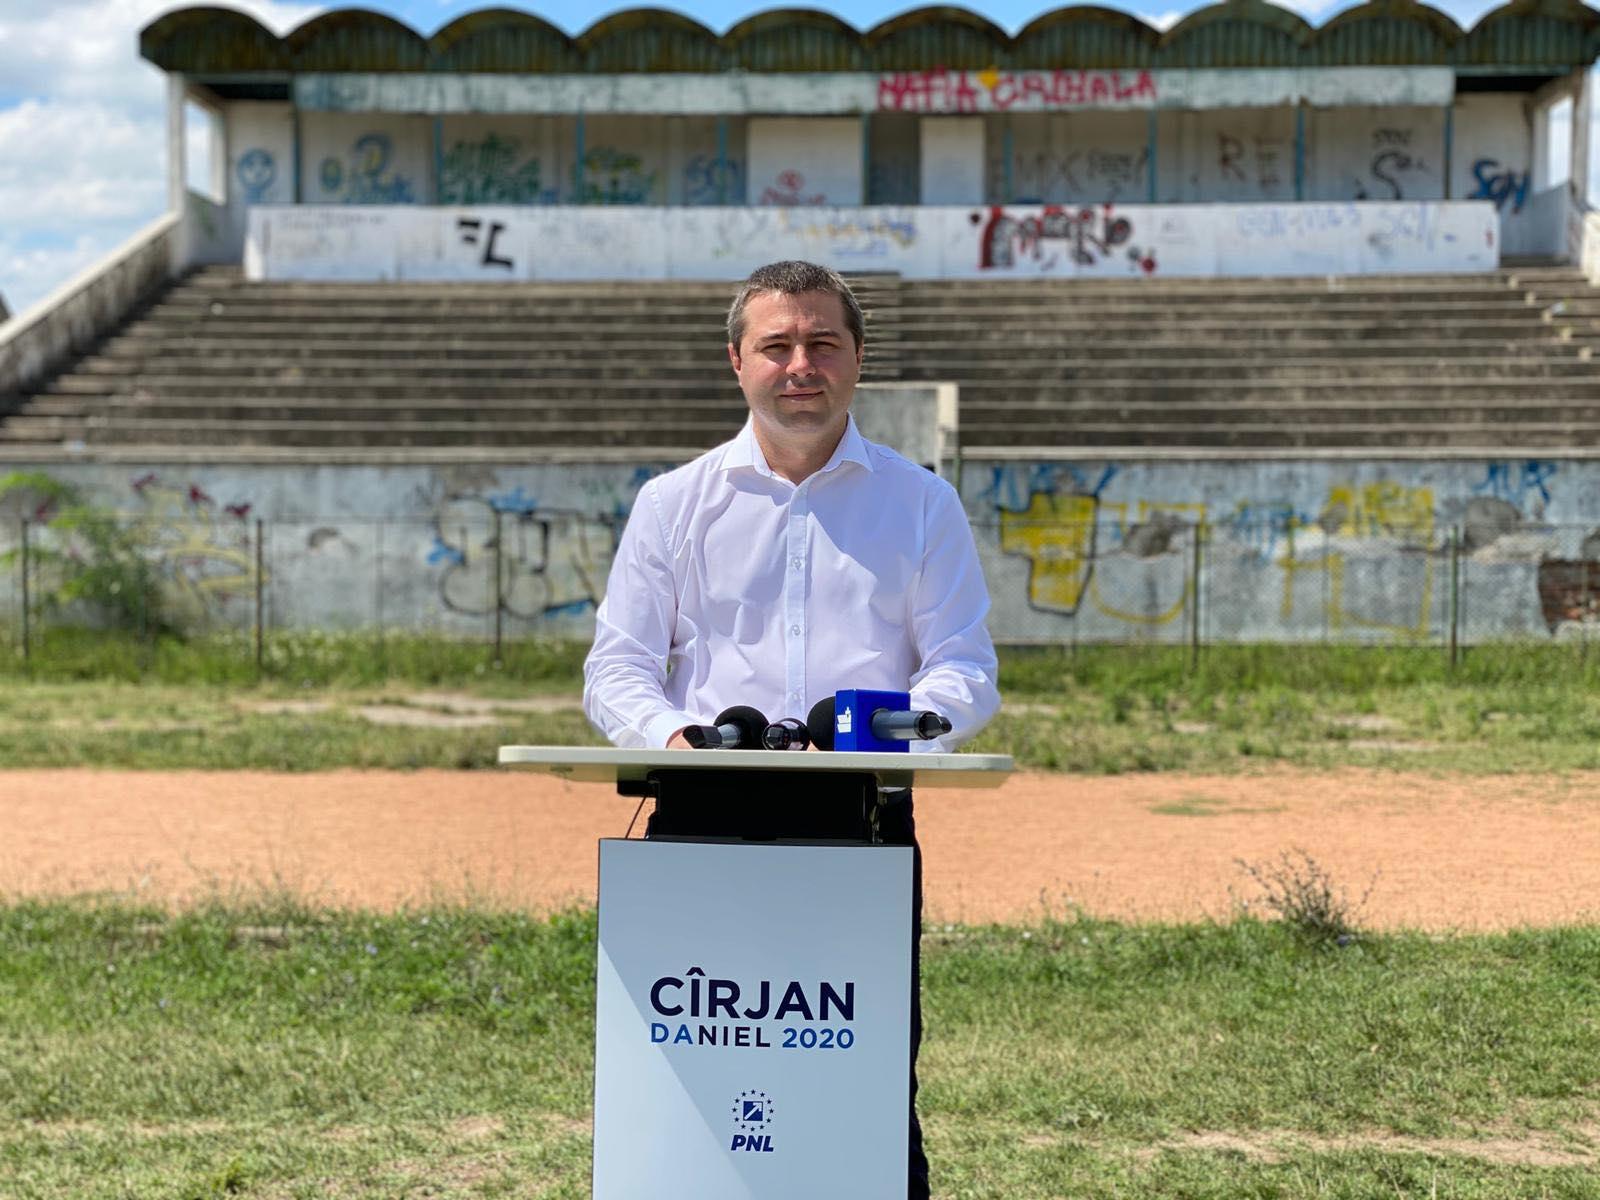 Cirjan_stadion